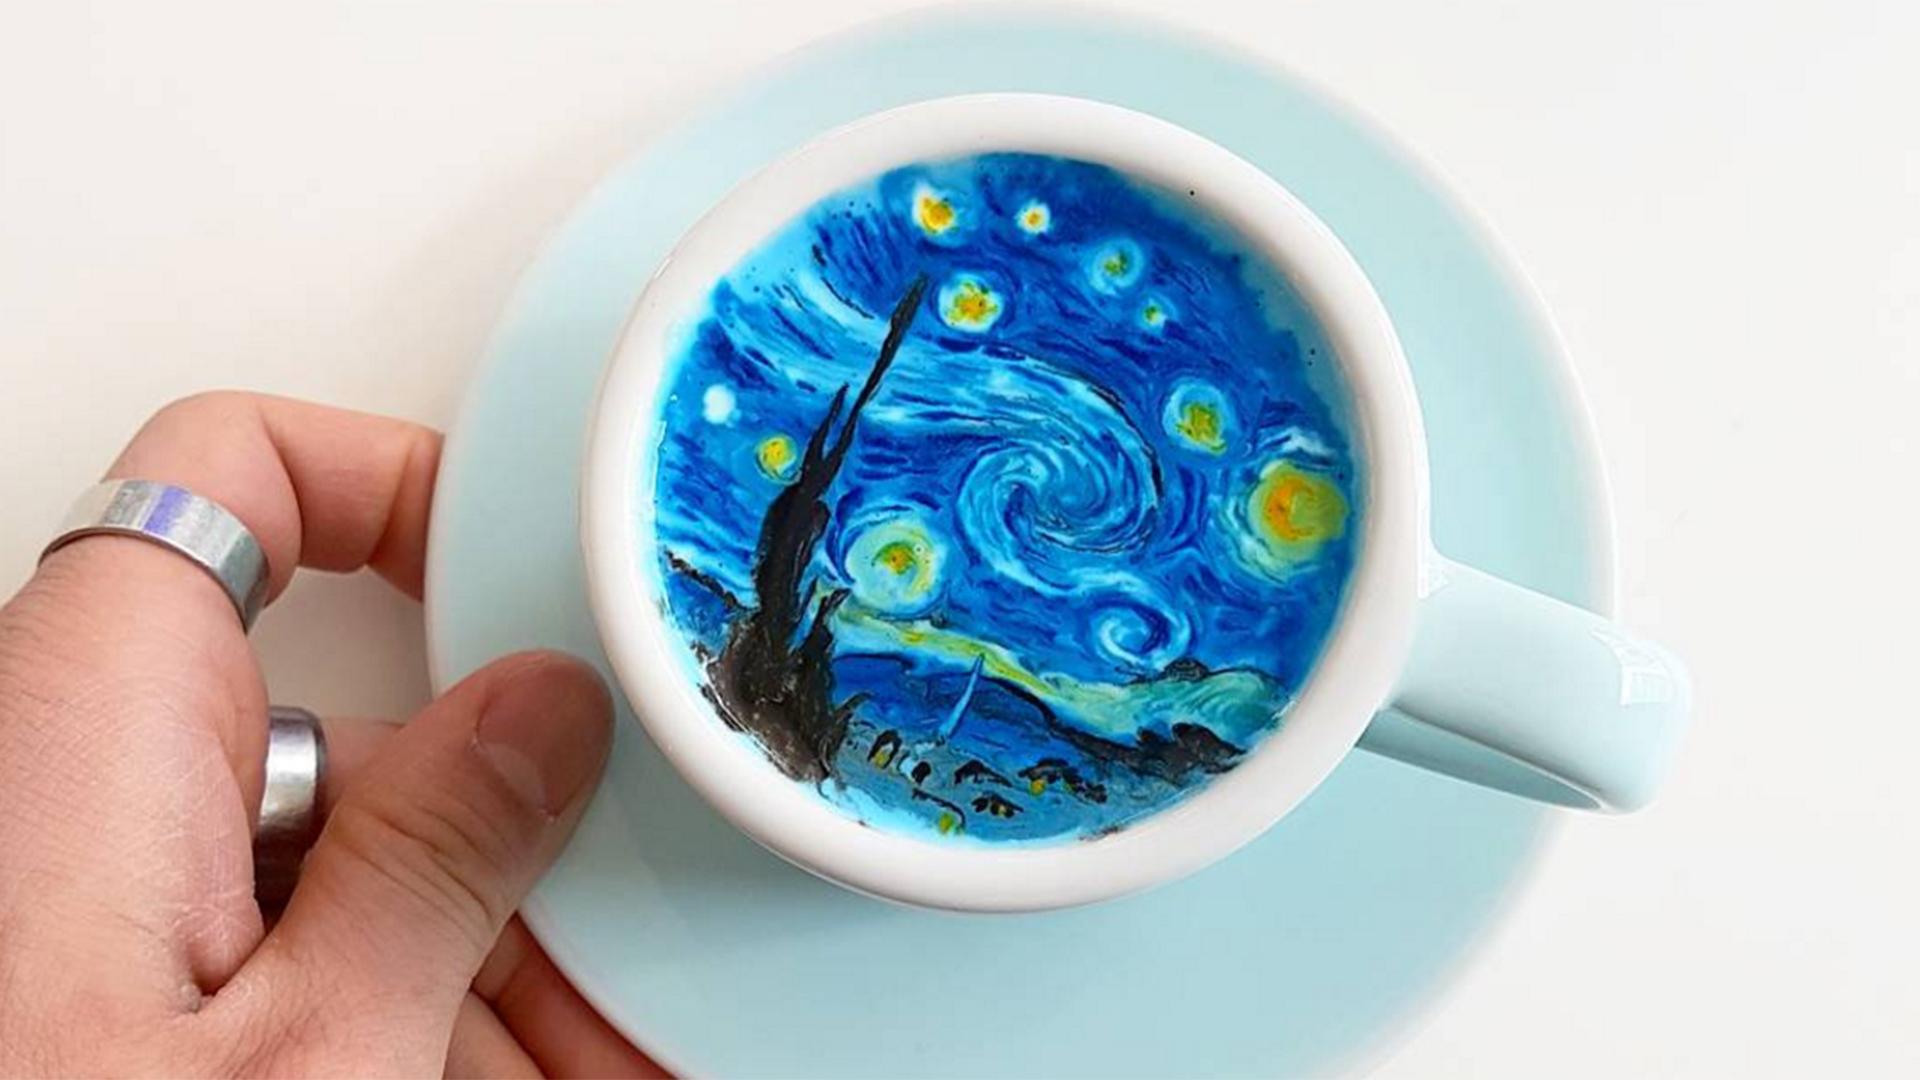 Hasil gambar untuk Korean barista creates delicious art by drawing beautiful pictures in coffee